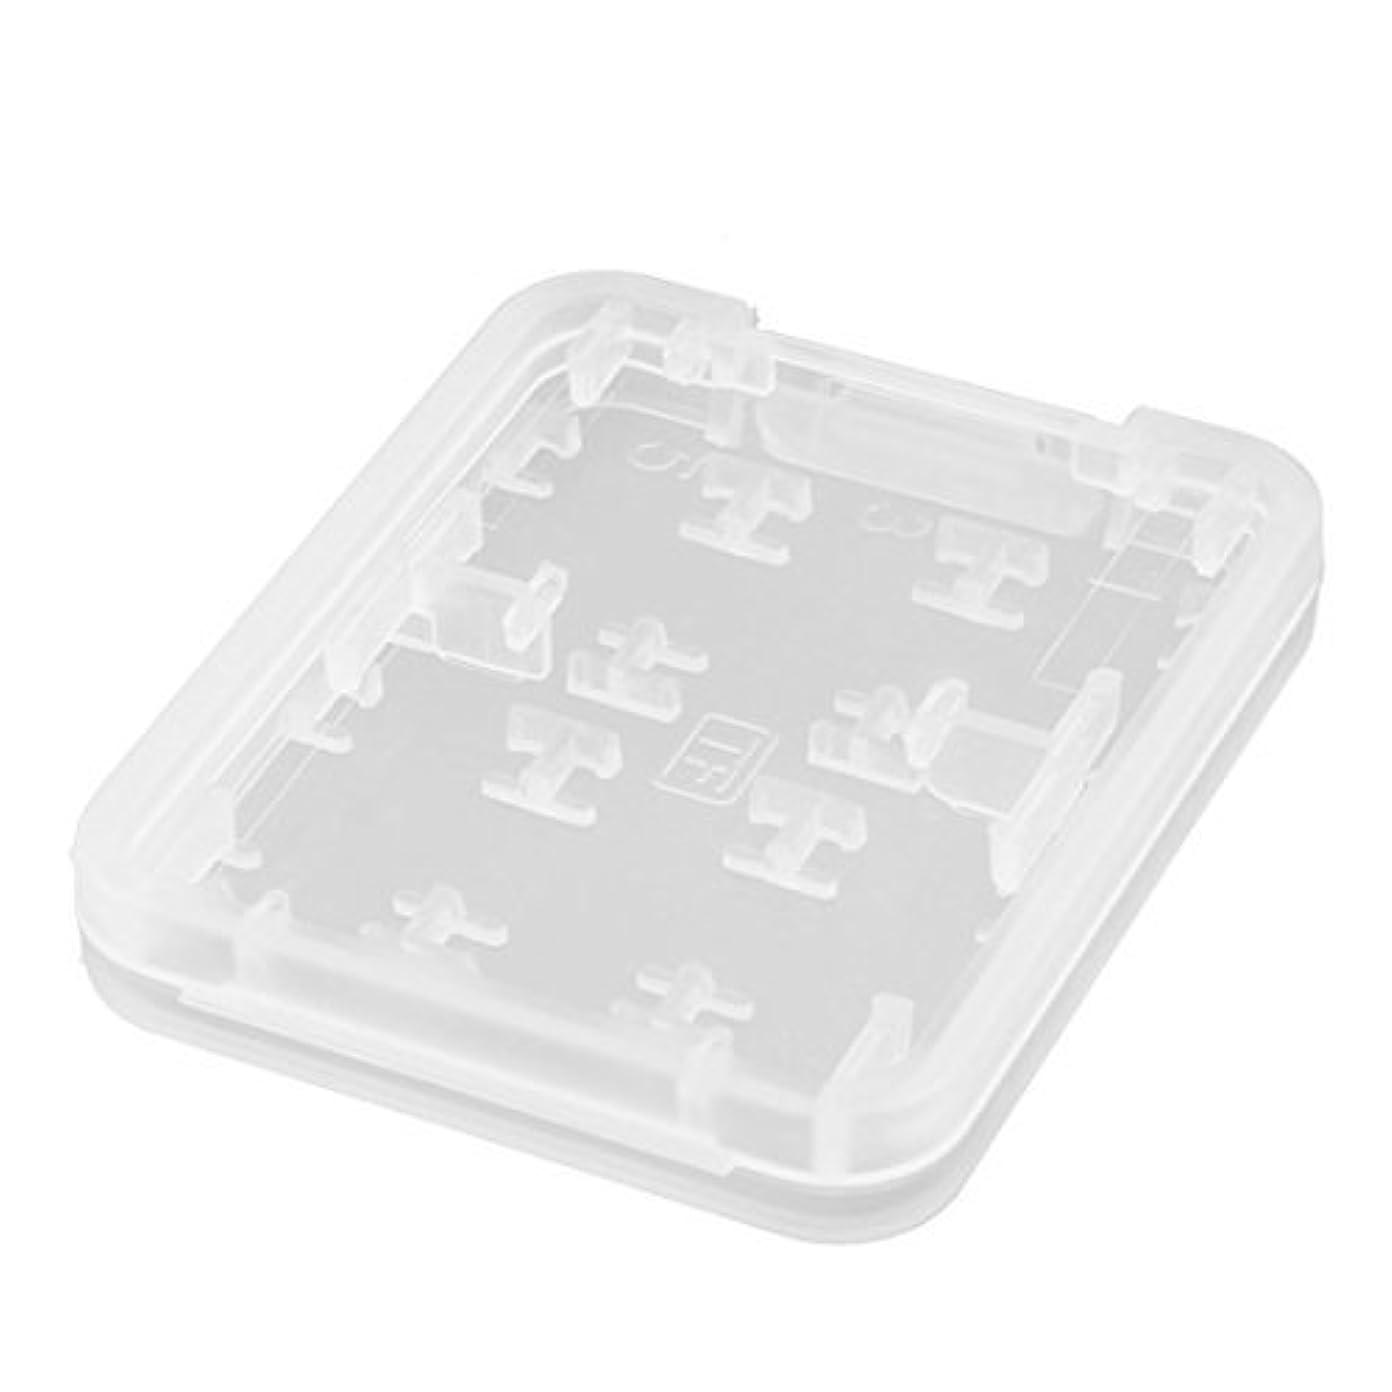 横たわるまだ競合他社選手eDealMax Plastique 8個の排気口 マイクロSD TF MS Carte mémoire SDHC de ストッキングホルダー ホワイトボックス